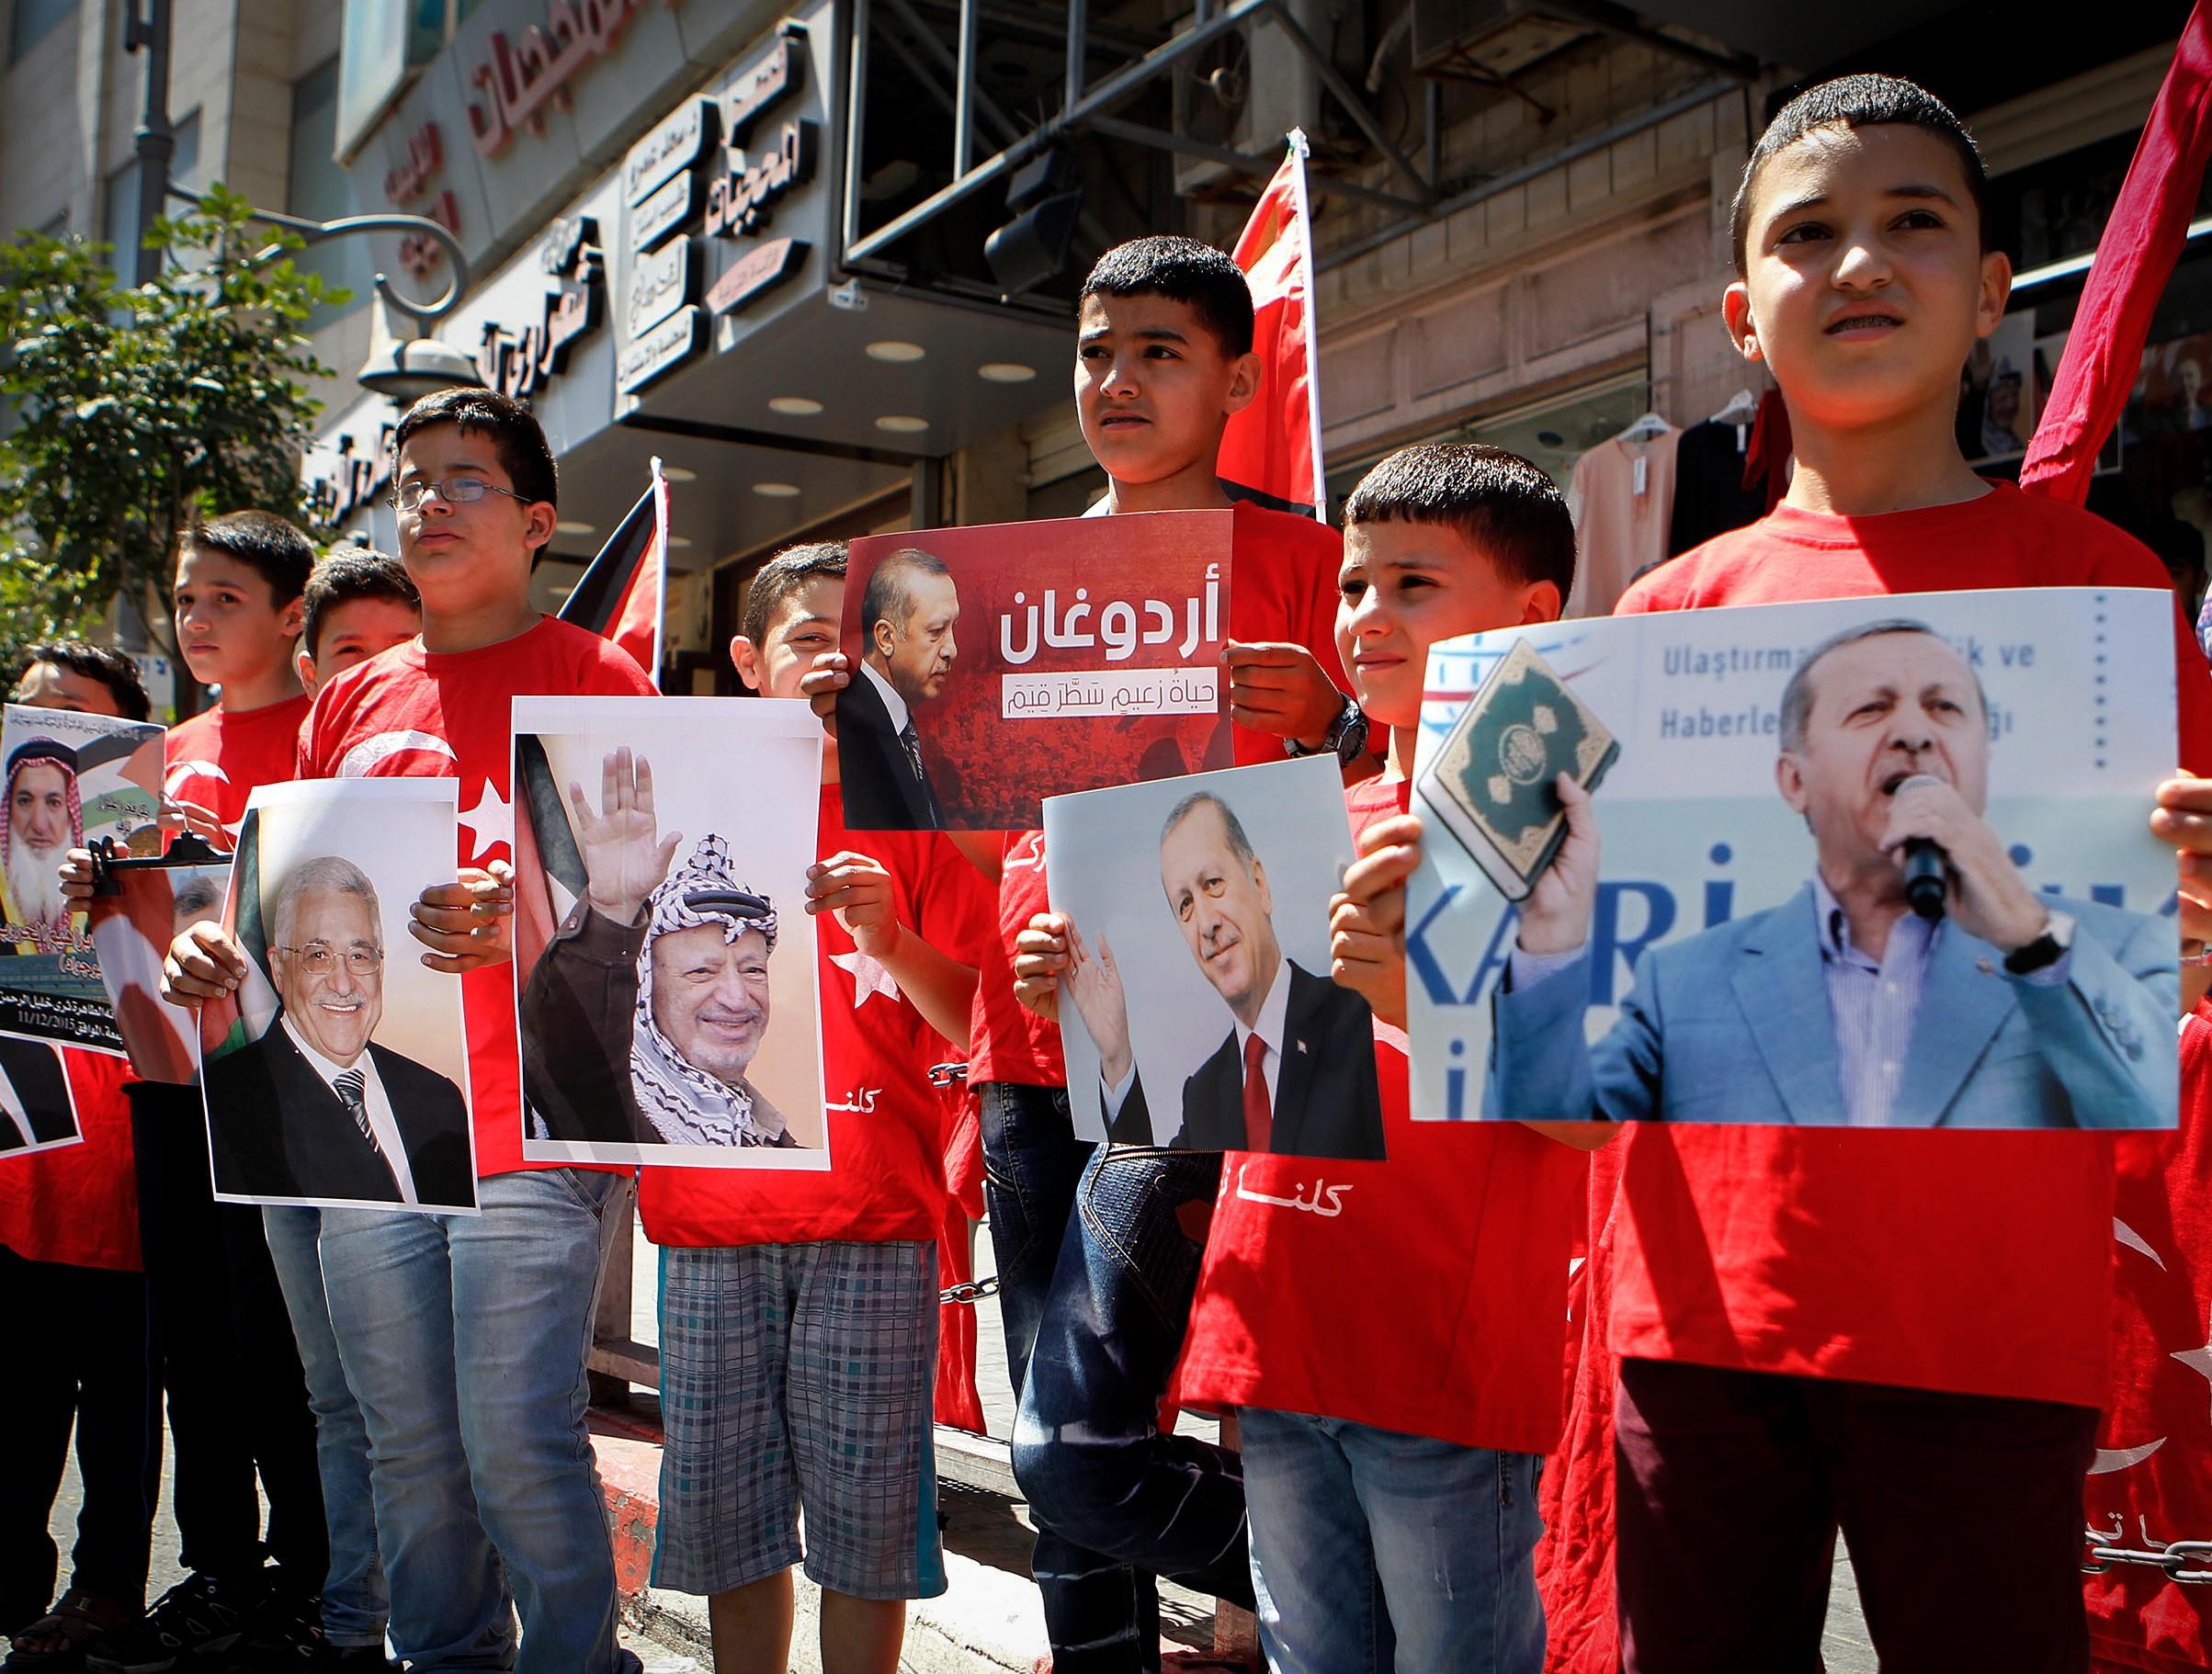 מפגינים בטורקיה • אילוסטרציה